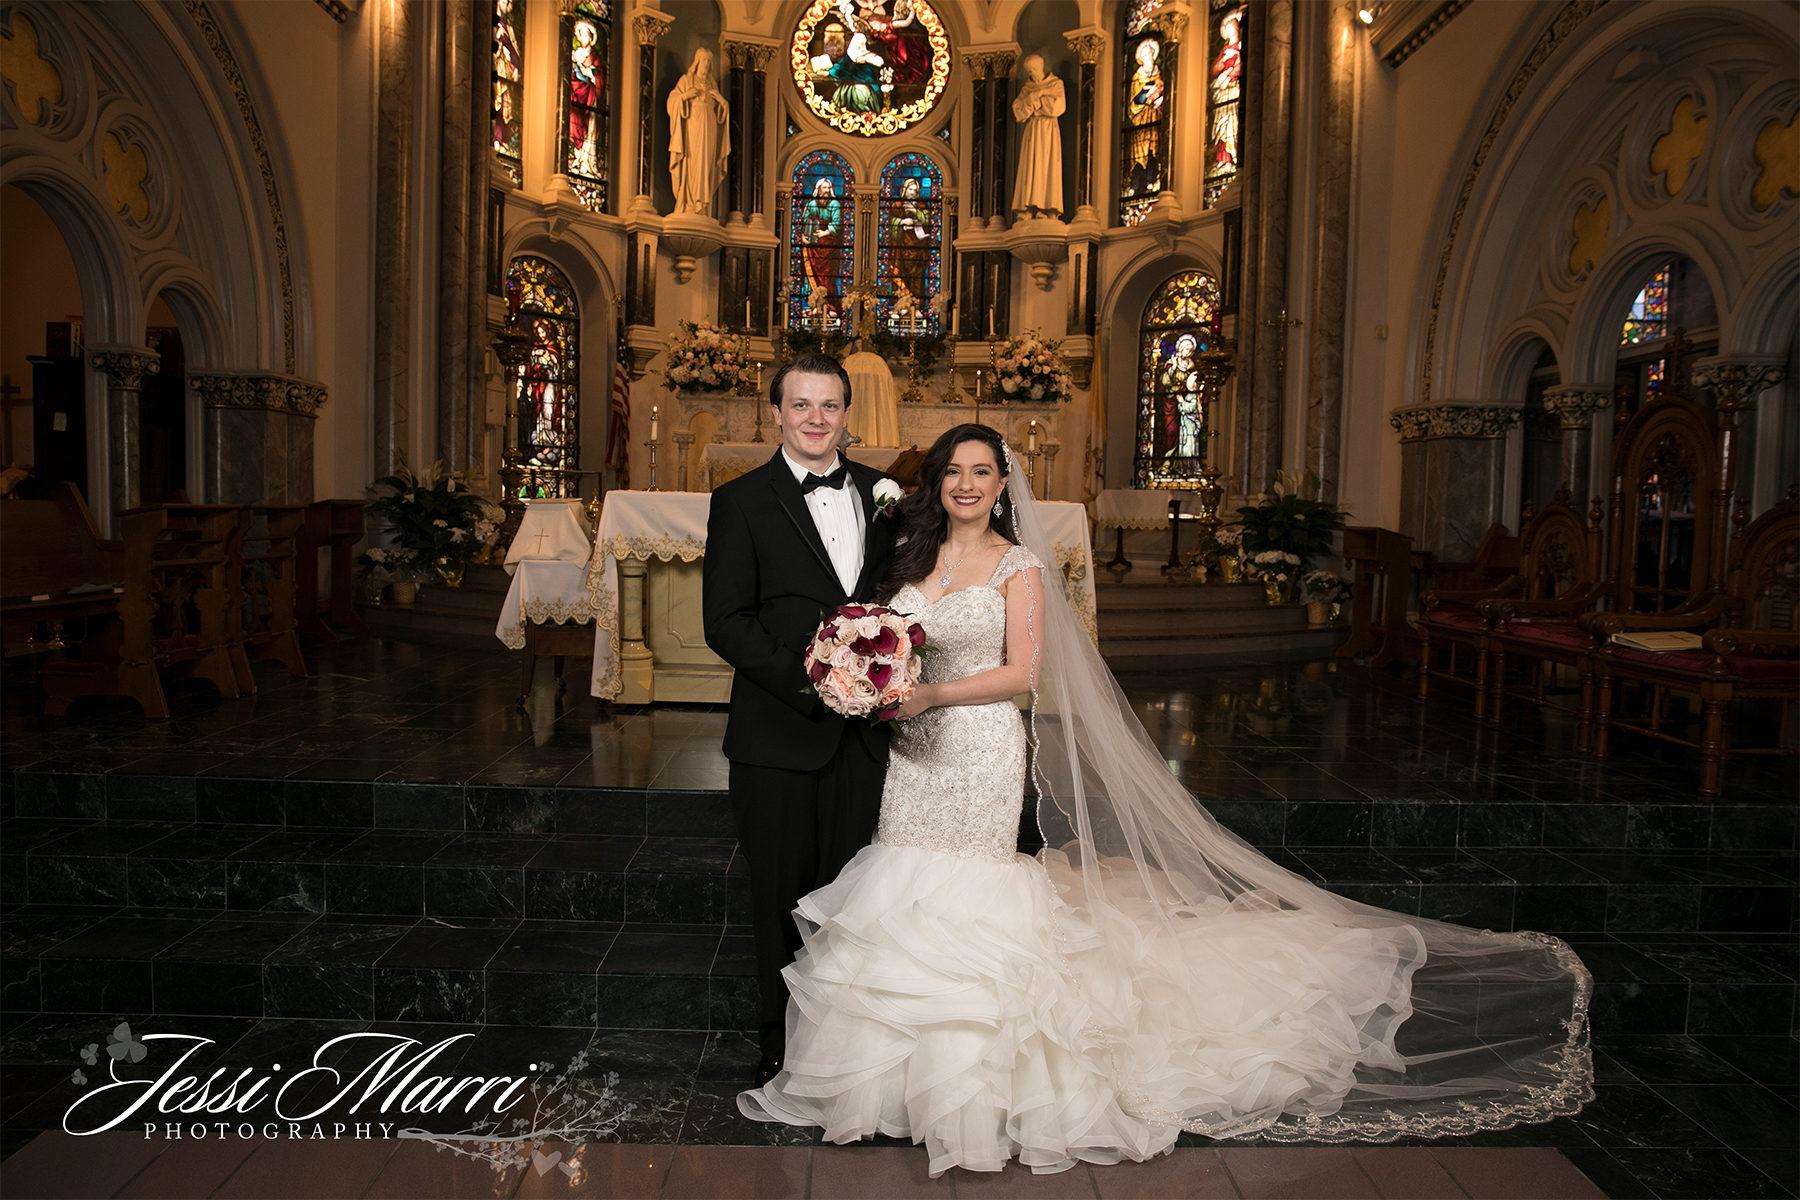 Wedding Photography Photographers Houston